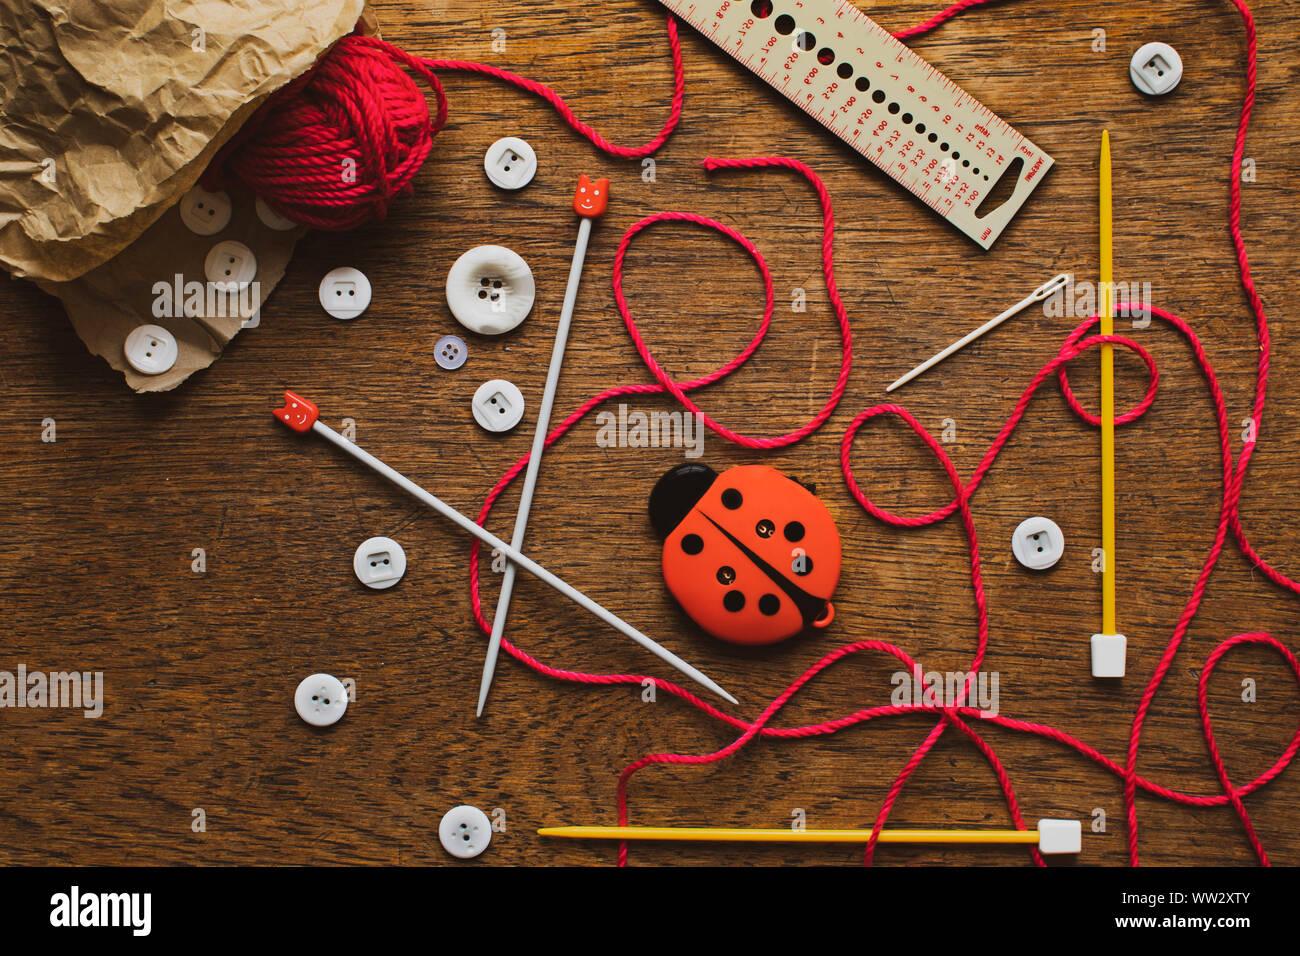 Herramientas y accesorios tejer derramándose desde una bolsa de papel marrón en una mesa de madera arriba Foto de stock